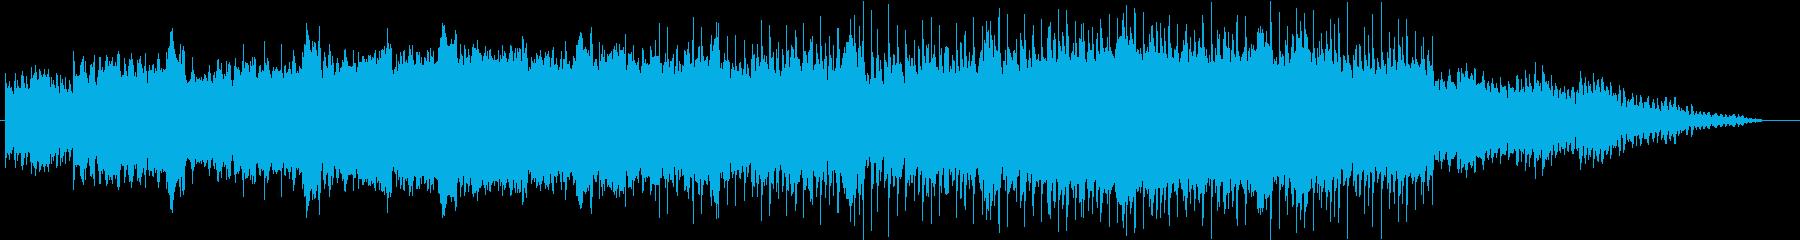 透明感・清潔感のあるアンビエント音楽の再生済みの波形